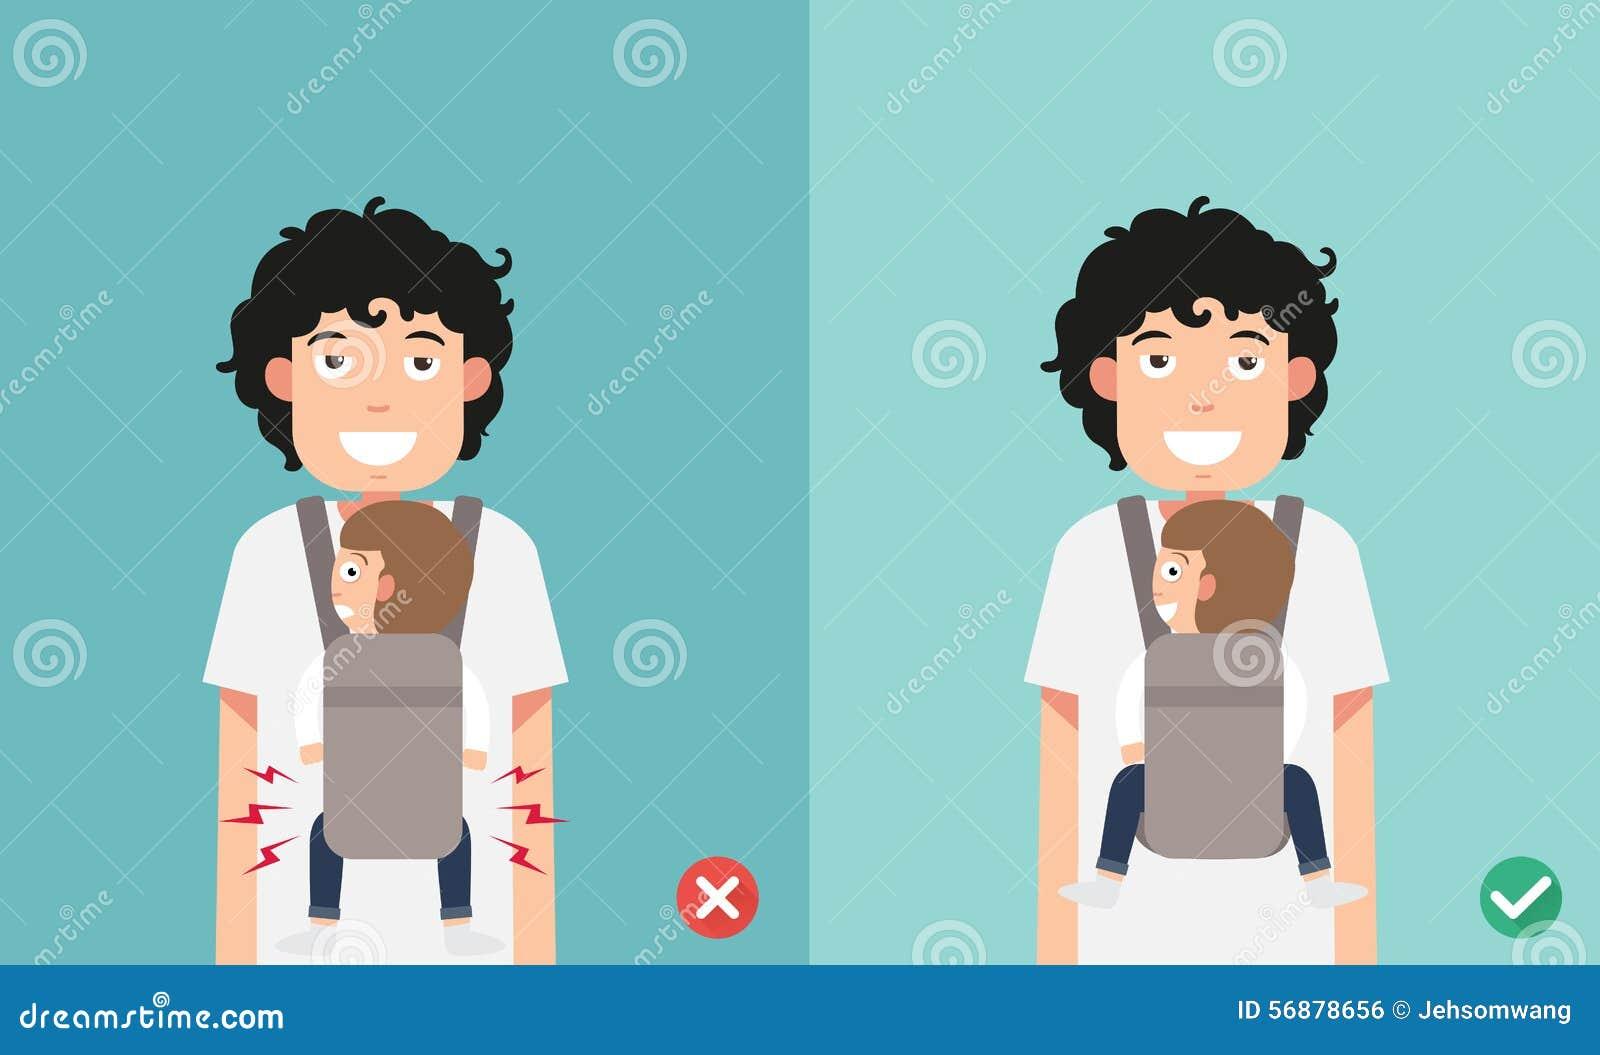 Criança das melhores e posições as mais más para a prevenção da displasia anca